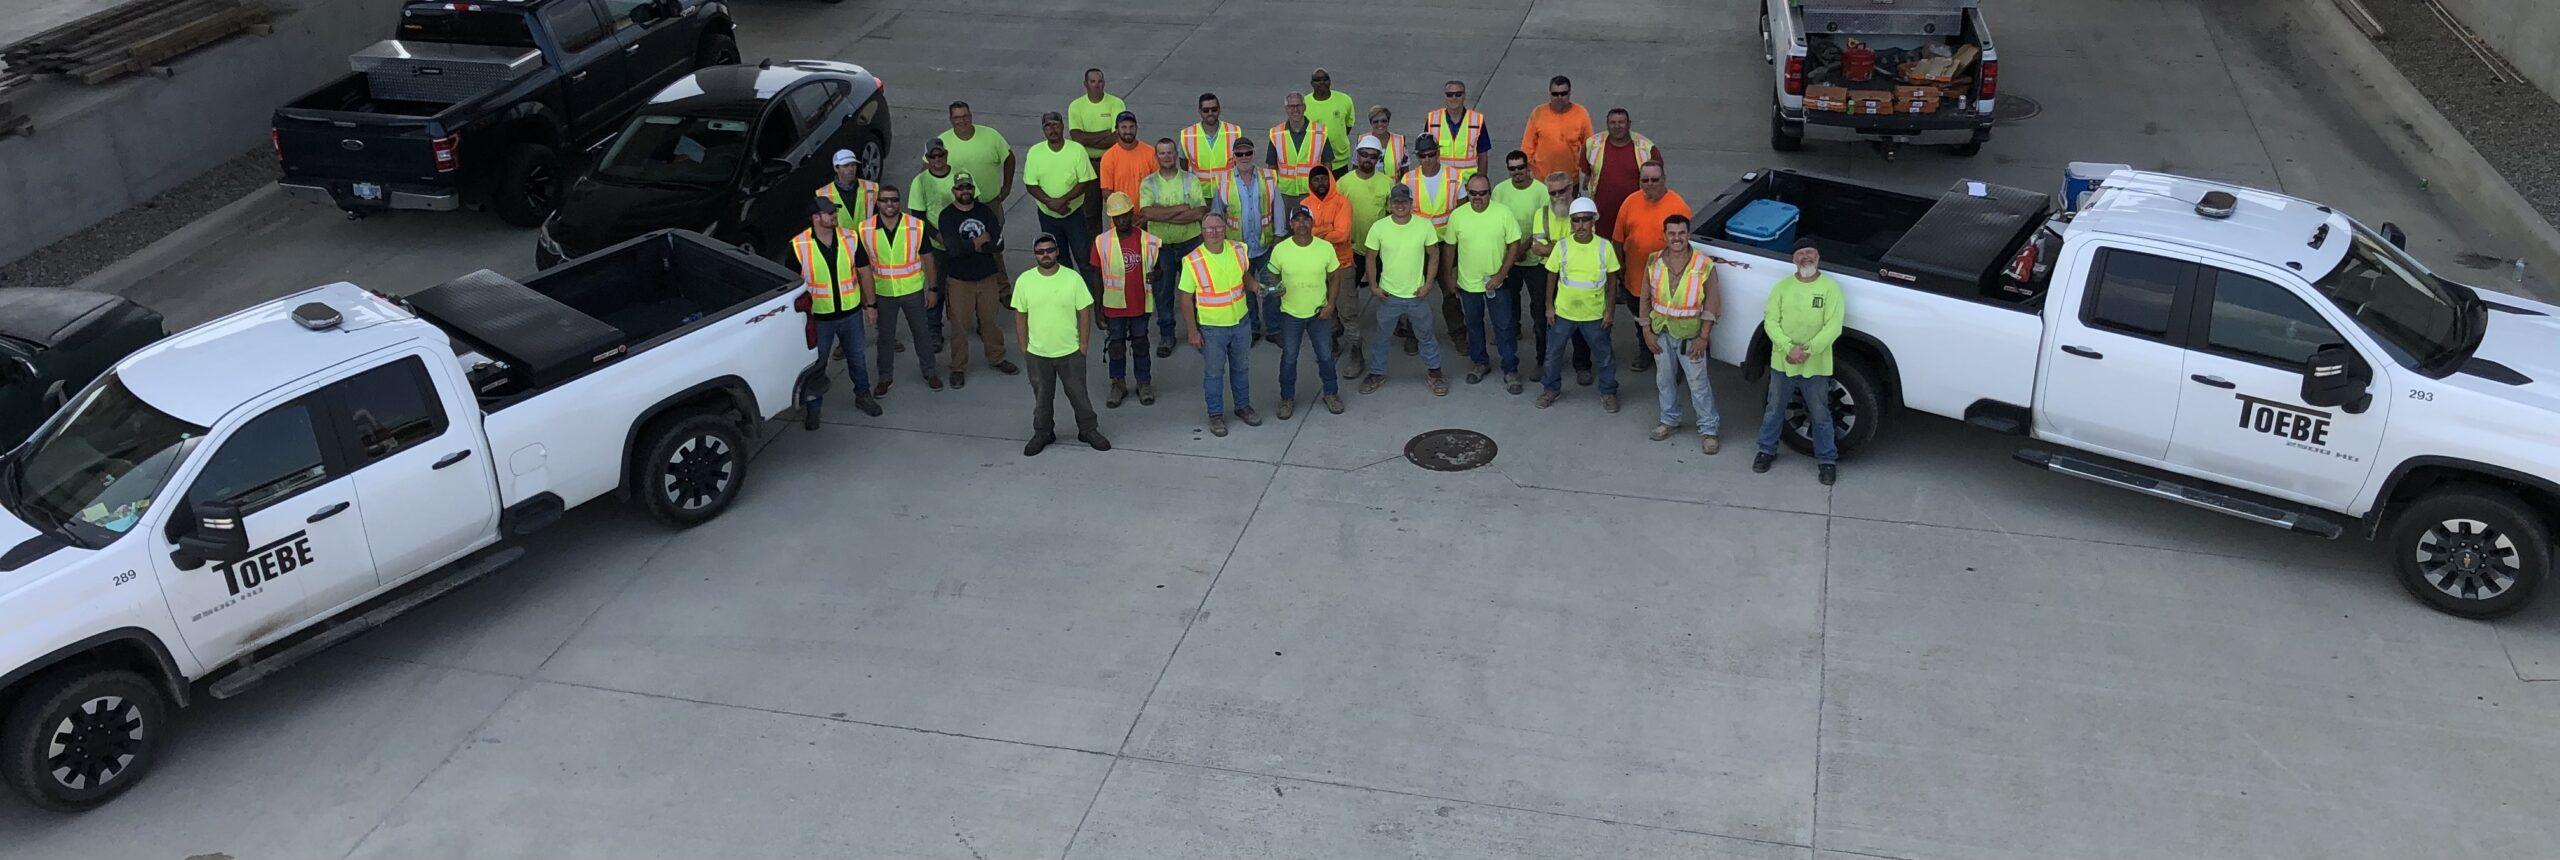 Toebe Construction Safety Award